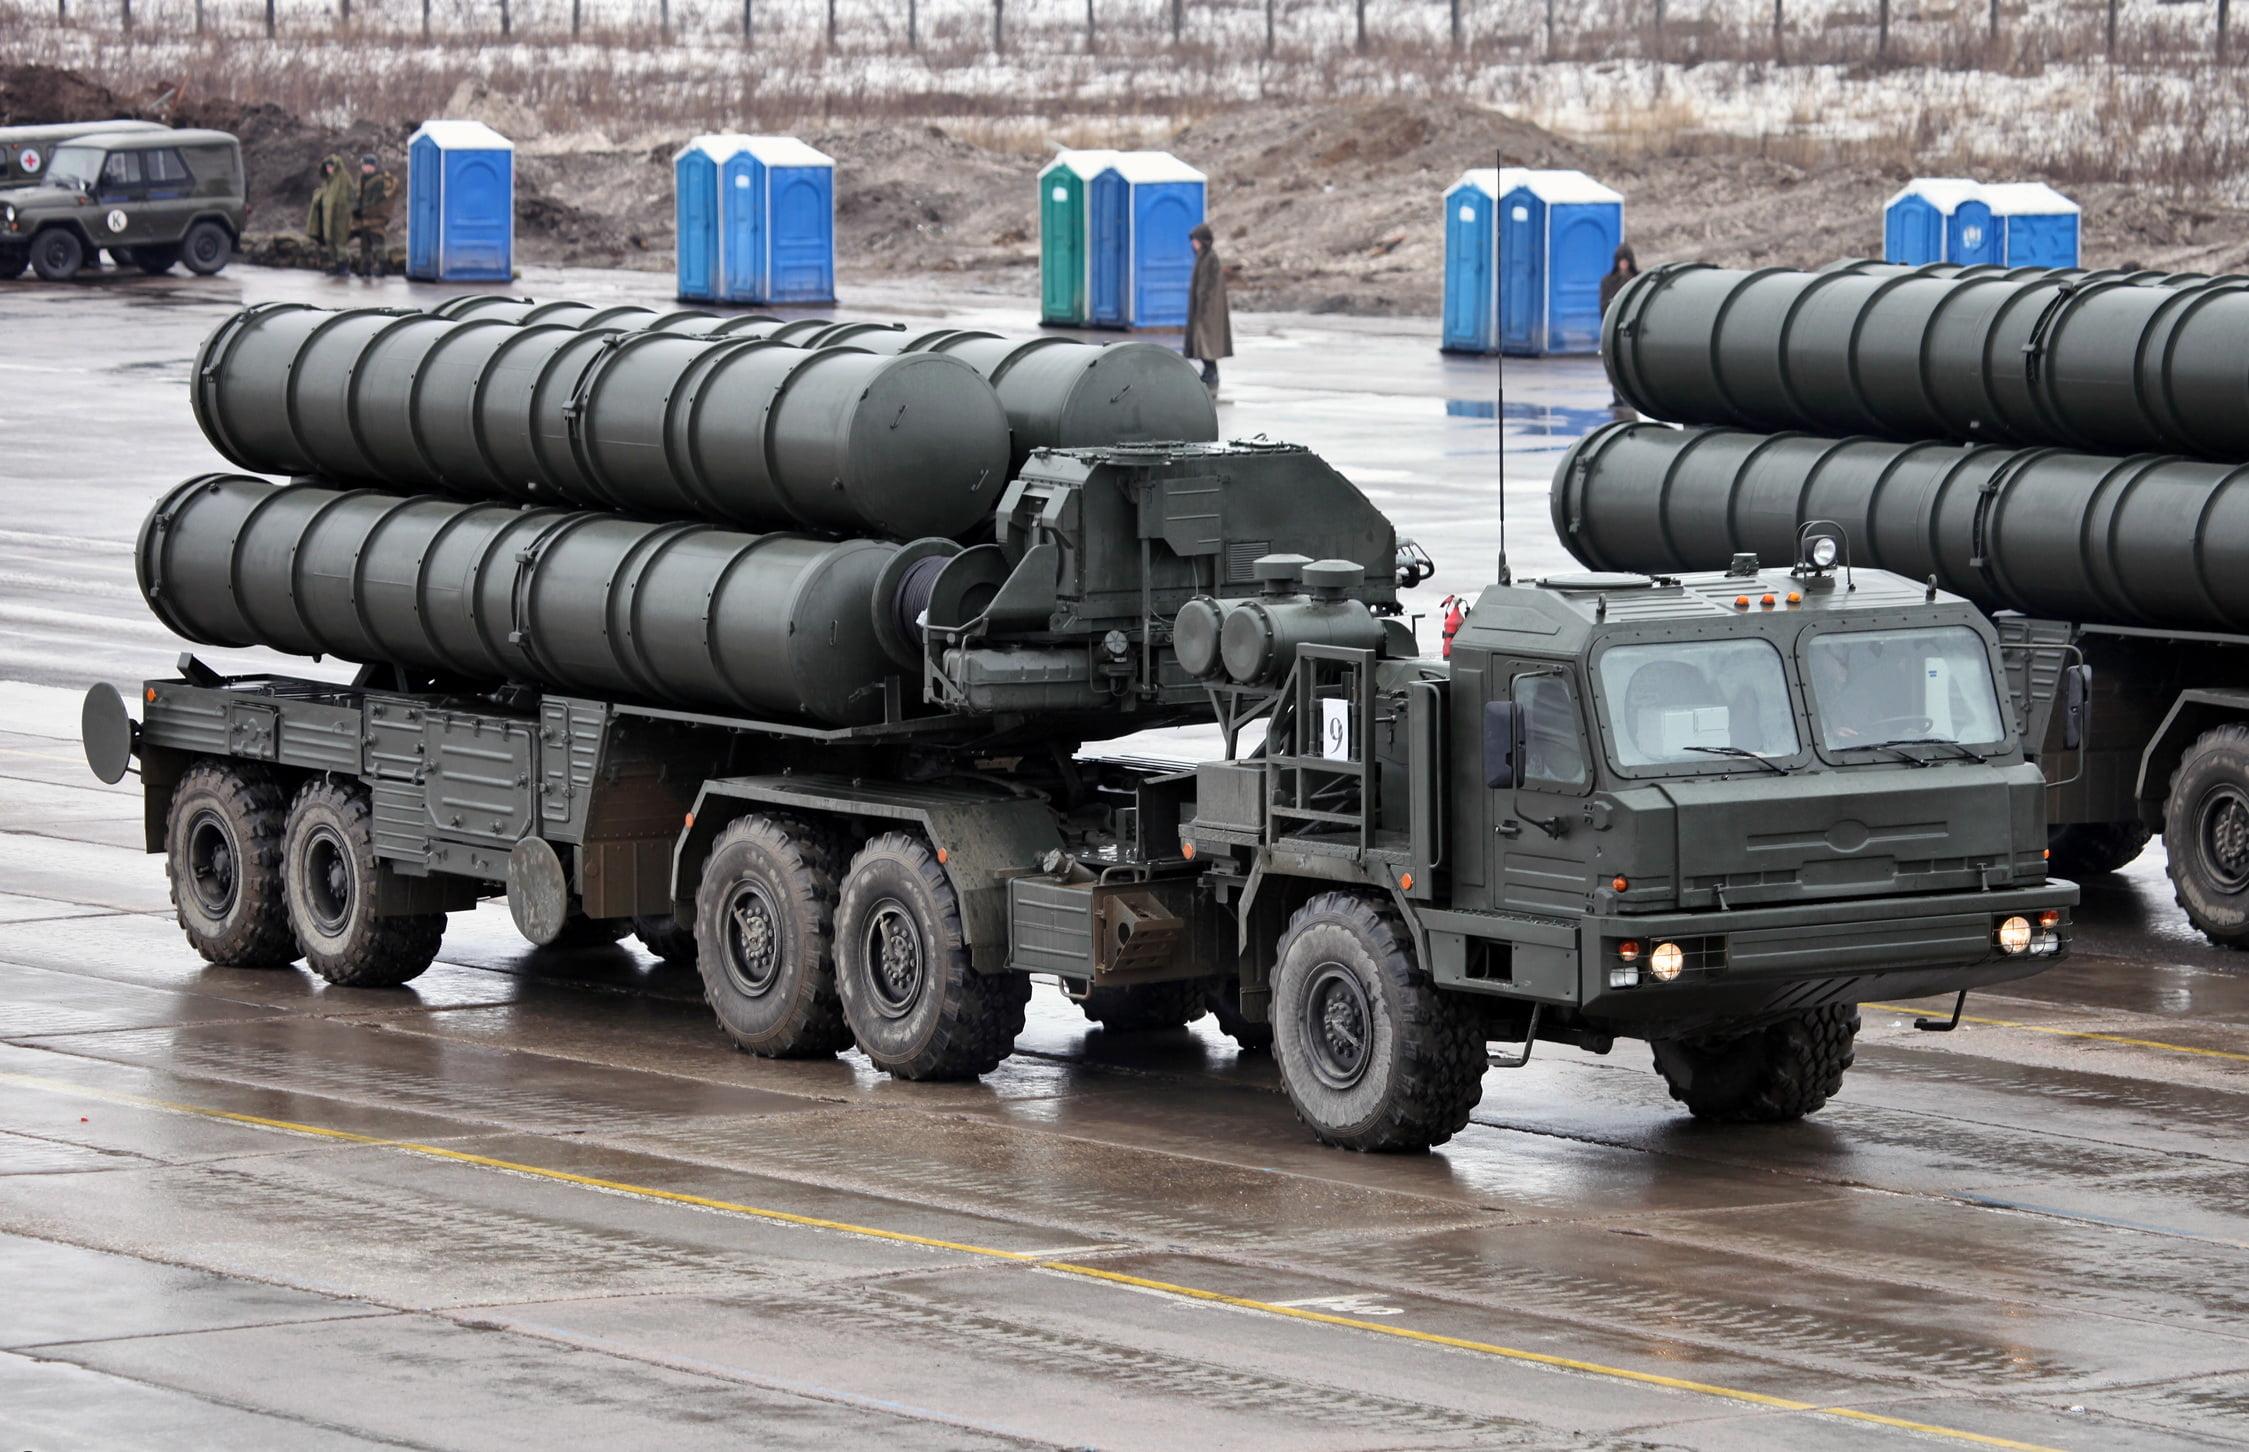 Το Ιράν ενδιαφέρεται για τους ρωσικούς S-400 και οι ΗΠΑ με το Ισραήλ ετοιμάζονται για το ενδεχόμενο